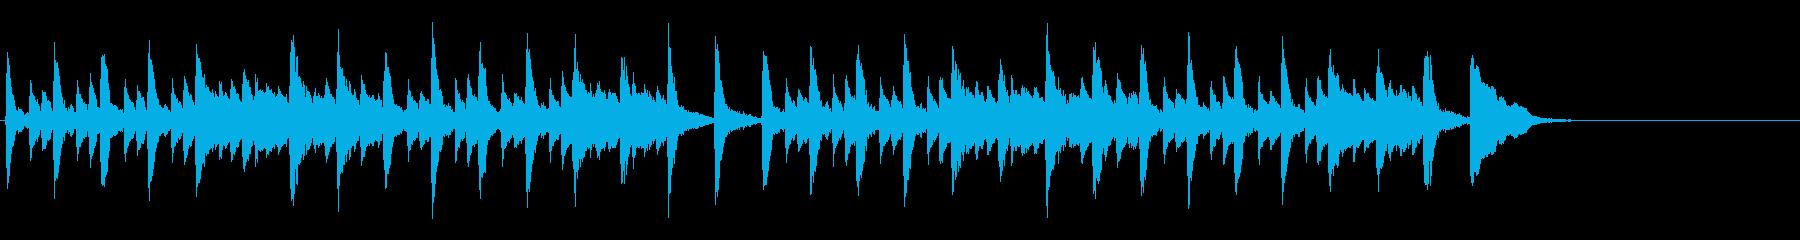 歌劇《村の試練》より(グレトリ作曲)の再生済みの波形